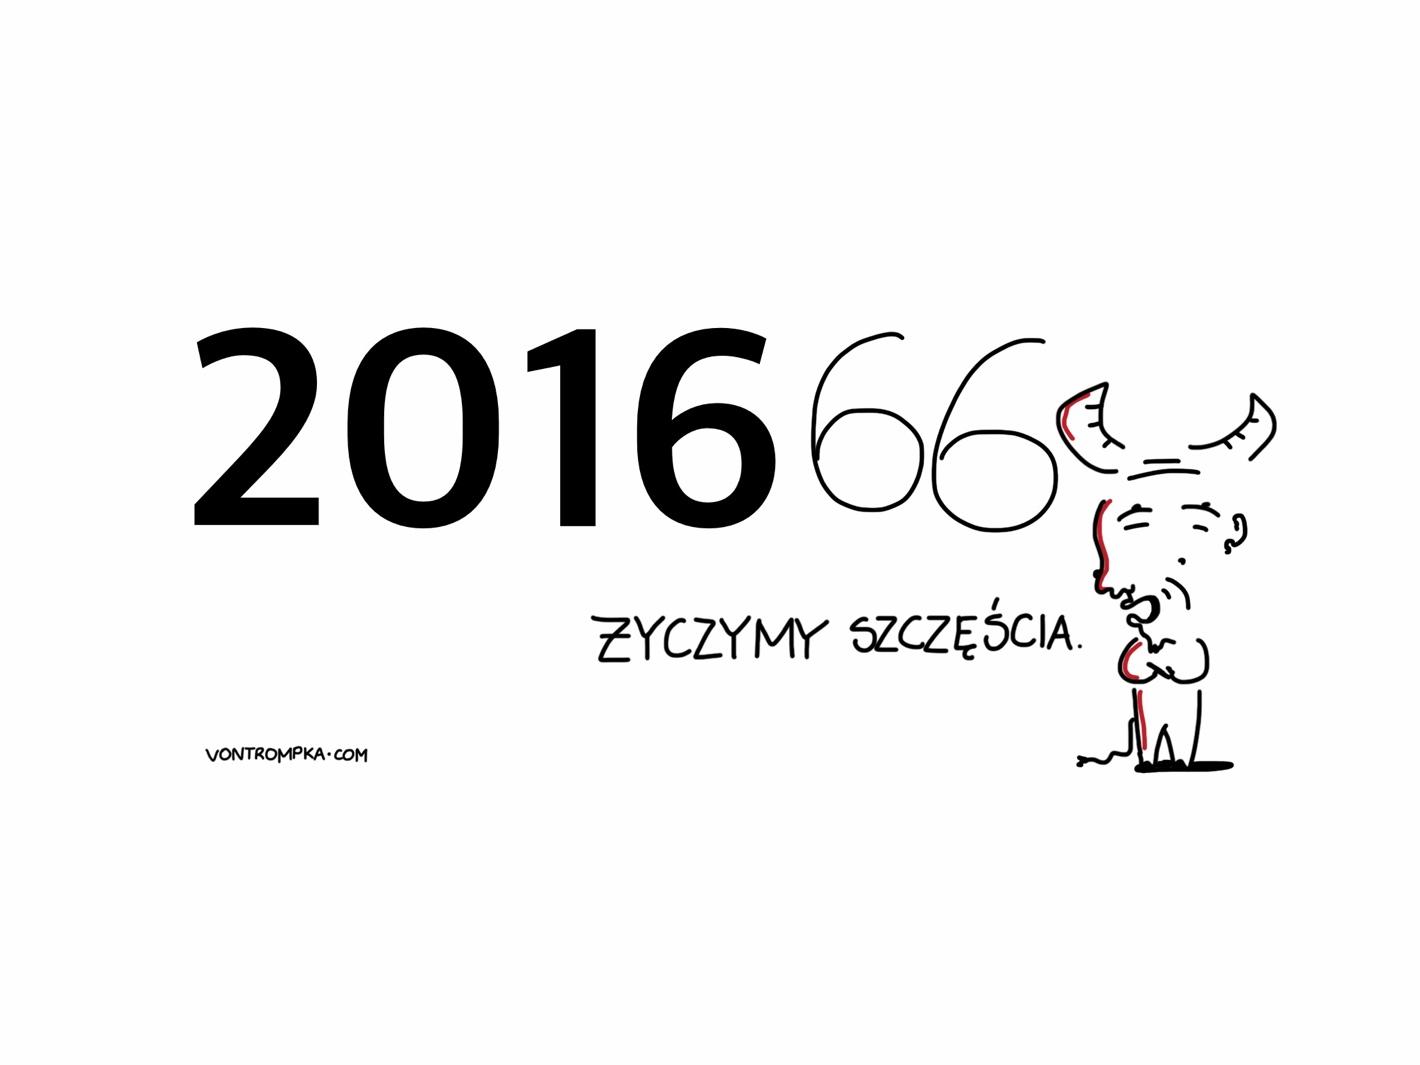 201666 życzymy szczęścia